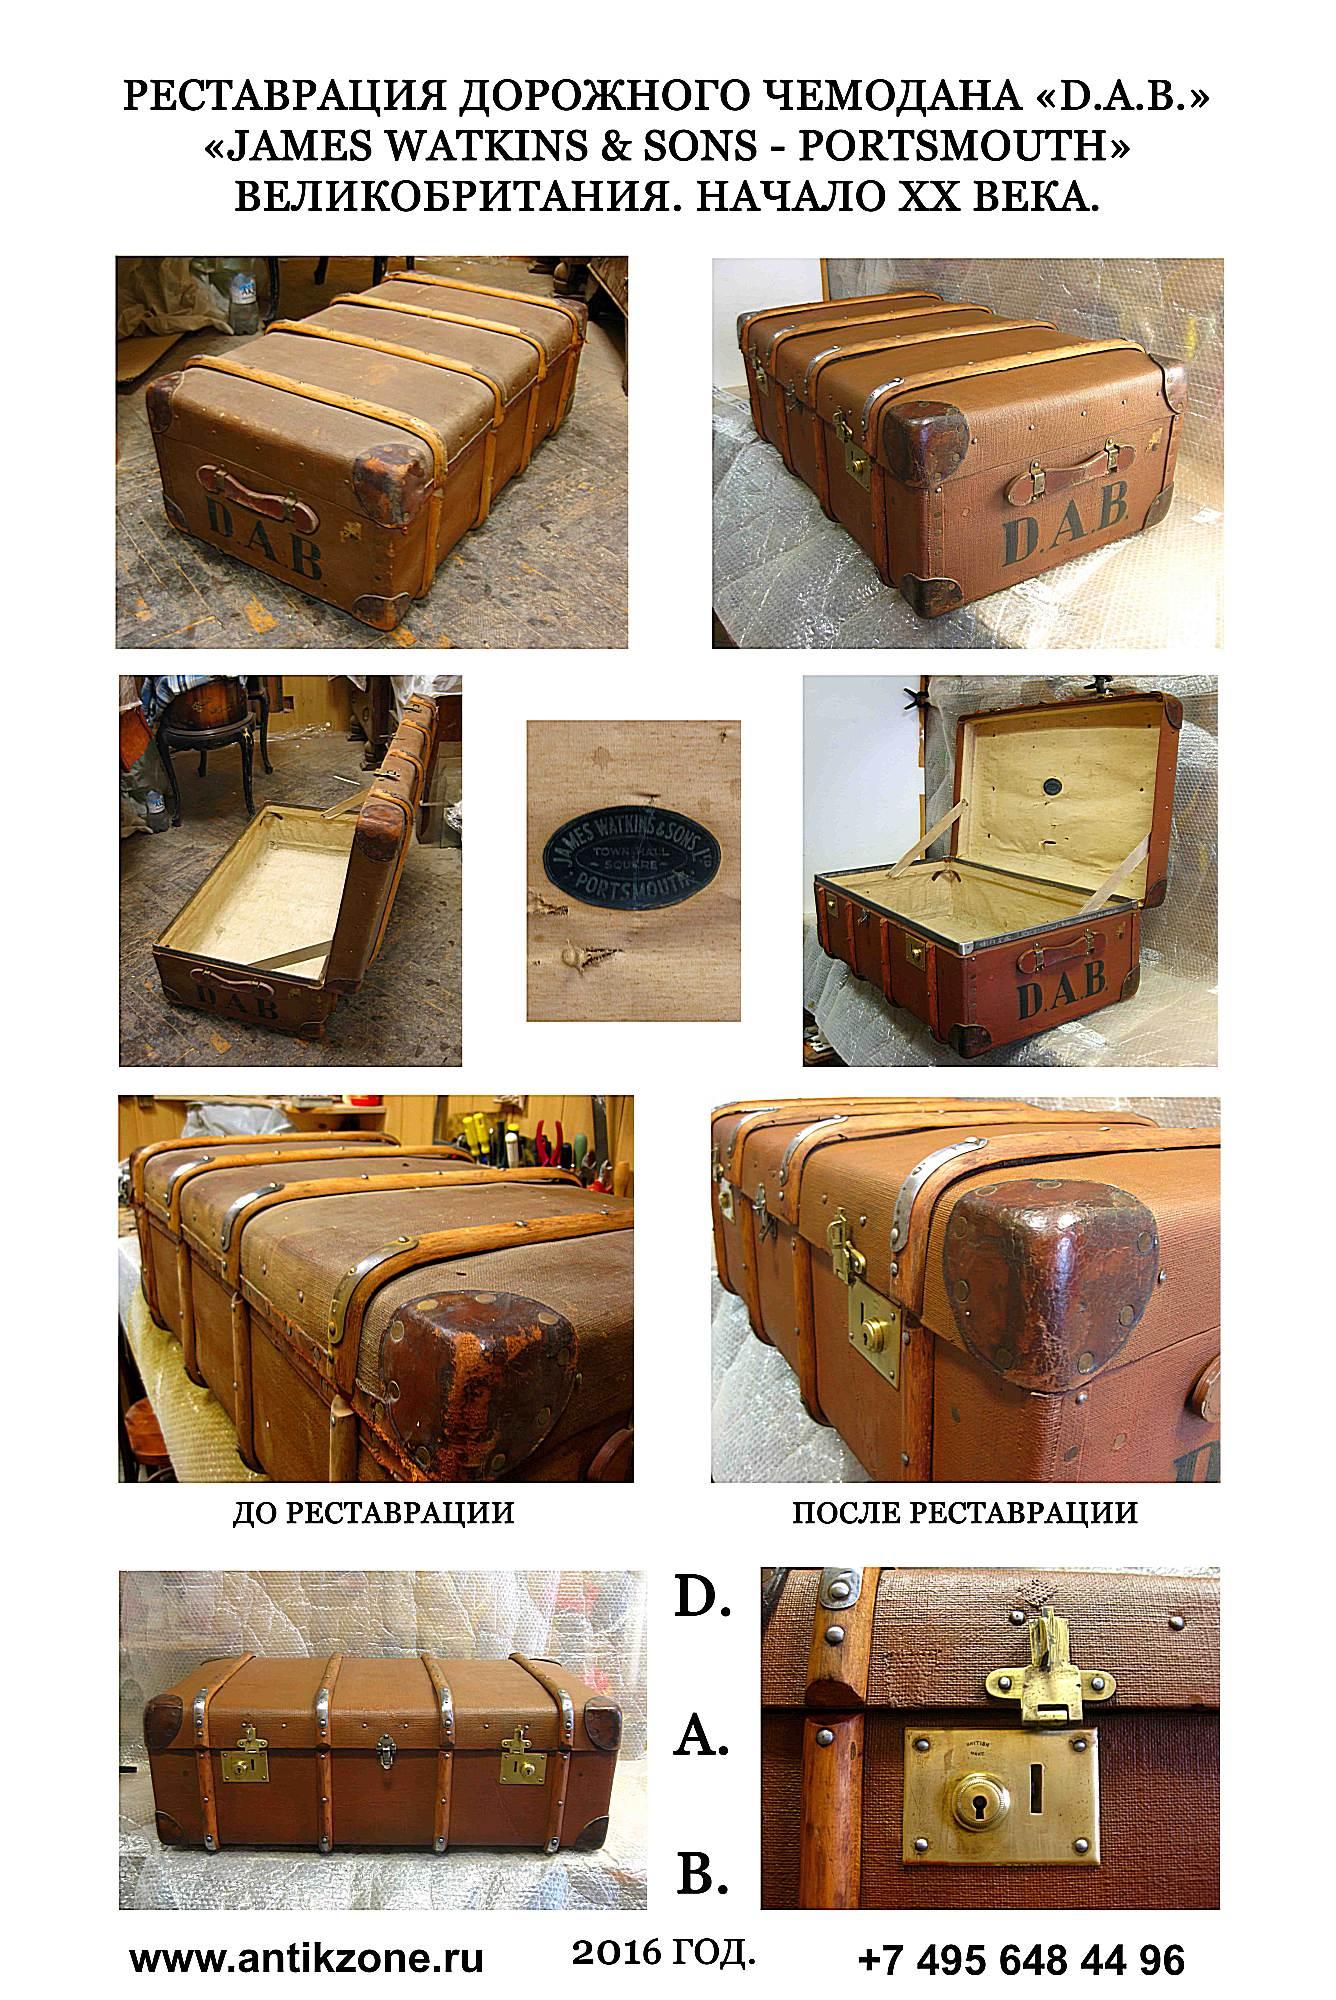 Реставрация в Москве старинного дорожного чемодана